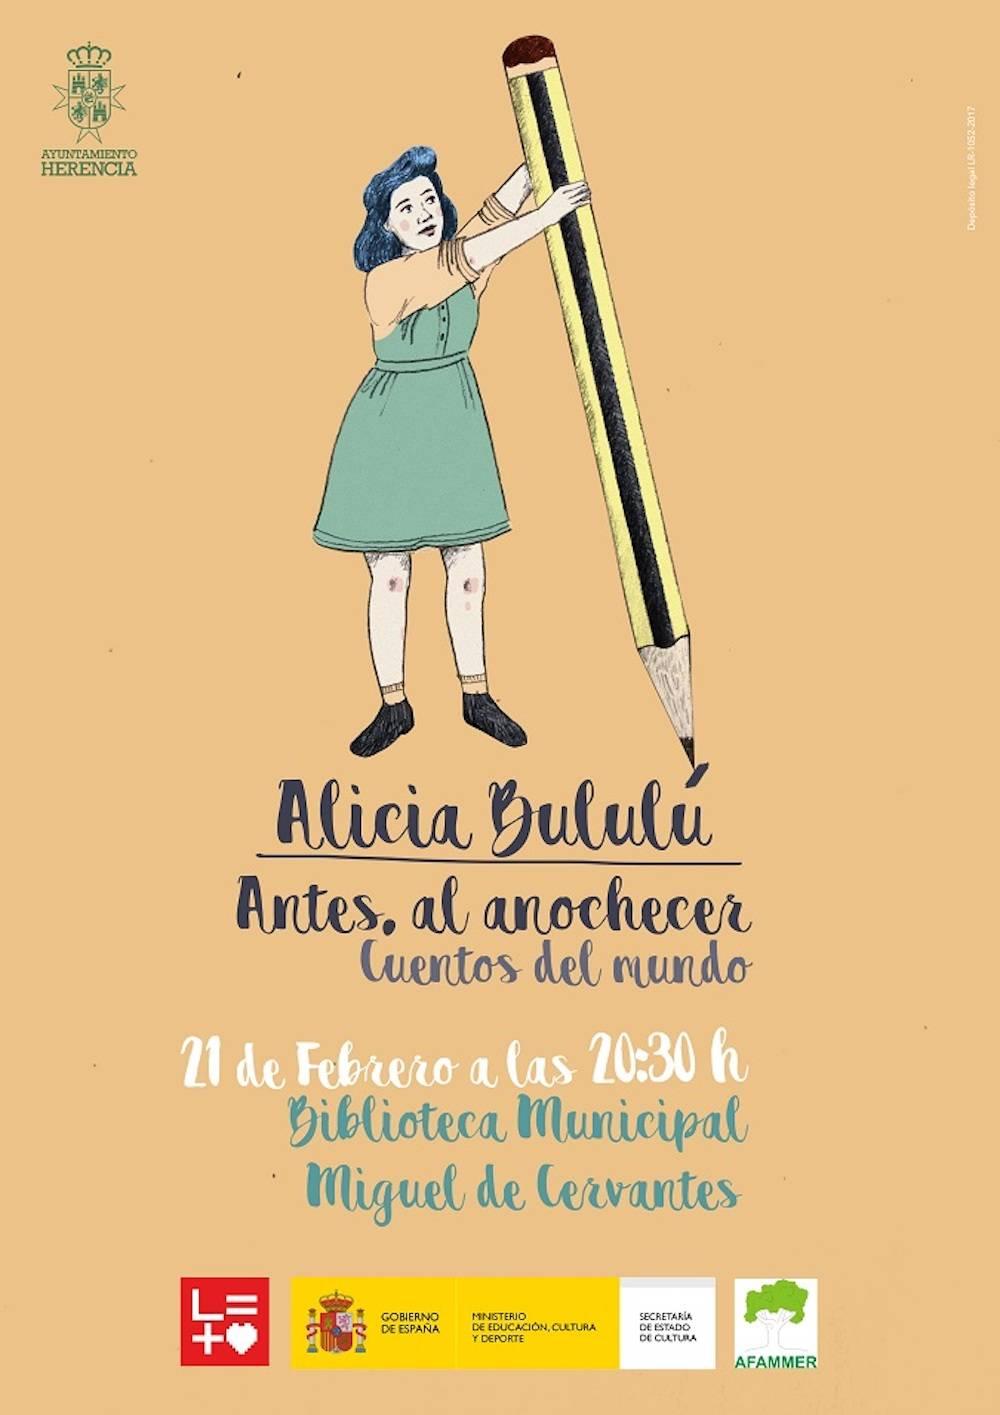 Cartel Cuentos Alicia Bululu escudo - Cuentacuentos para jóvenes y adultos con Alicia Bululú